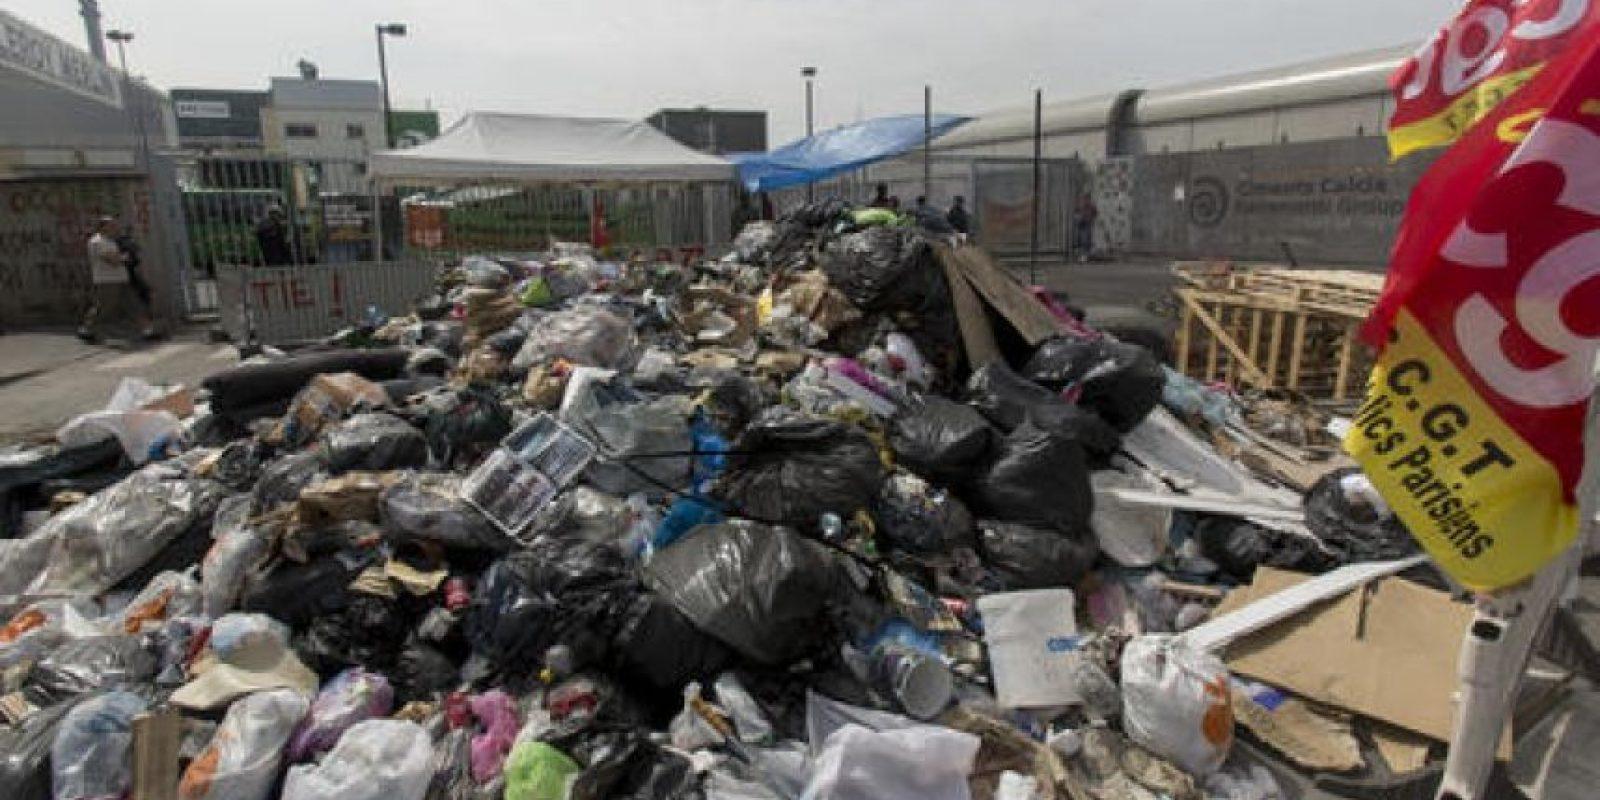 Las huelgas de los recolectores de basura han bloqueado el acceso a los basureros y estaciones de tren en Francia. Foto:AP/ Archivo